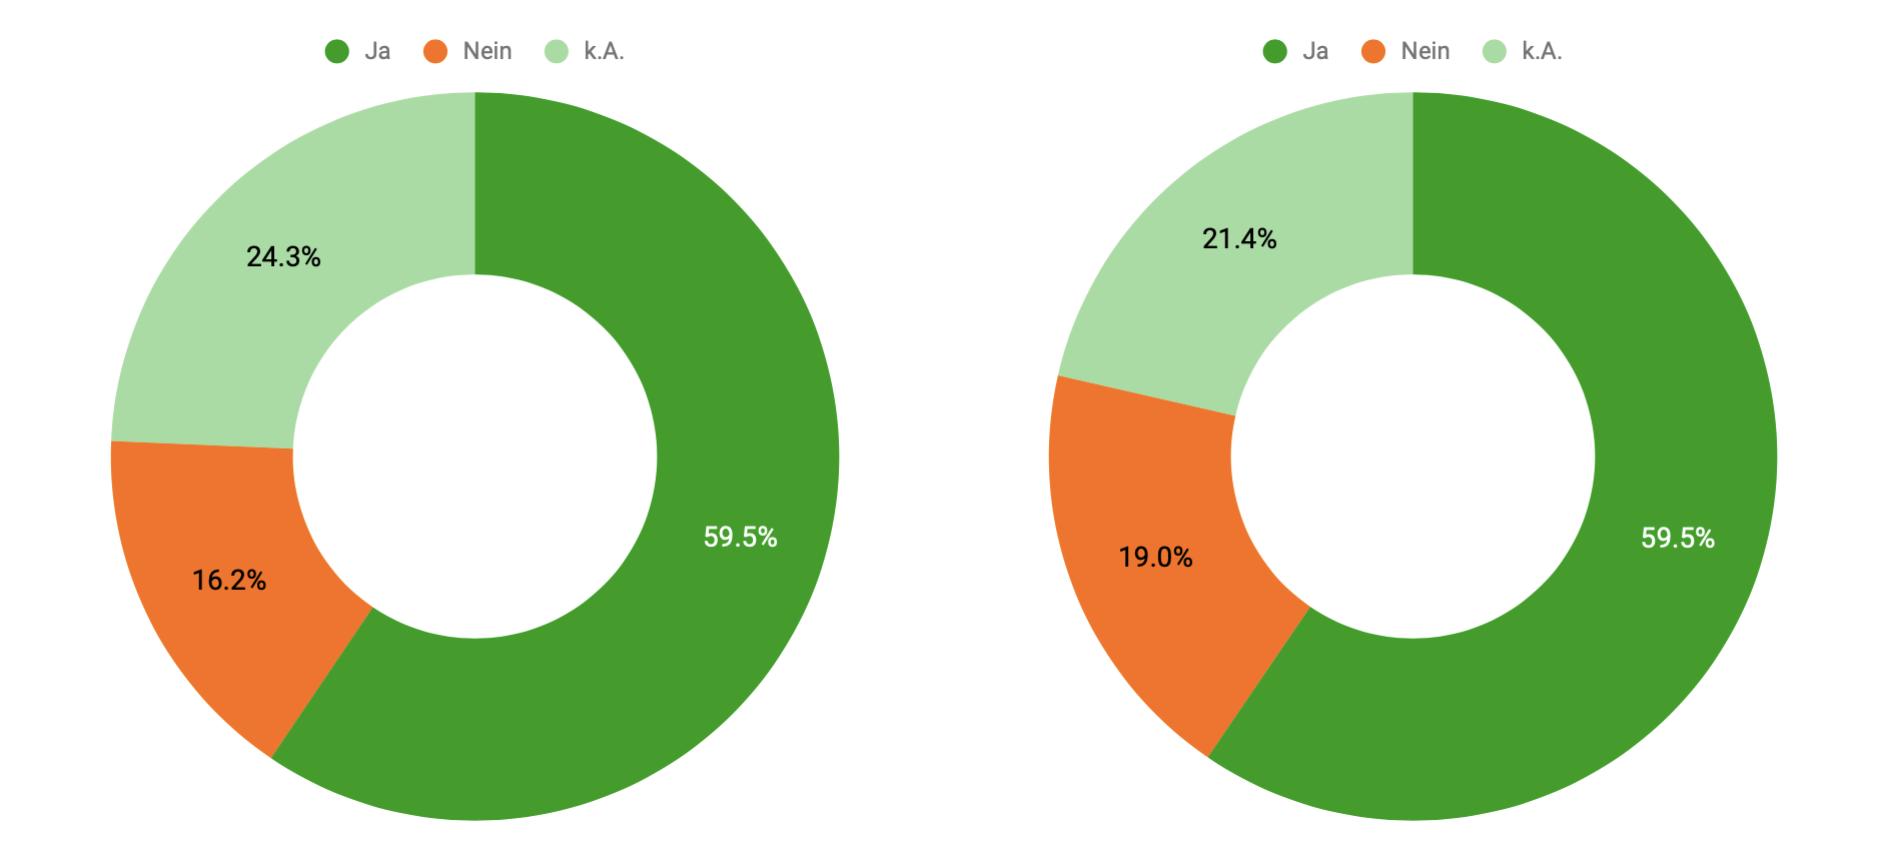 Antworten über die entgeltliche Nutzung des Matchings für Suchende (links) und Projekte (rechts)